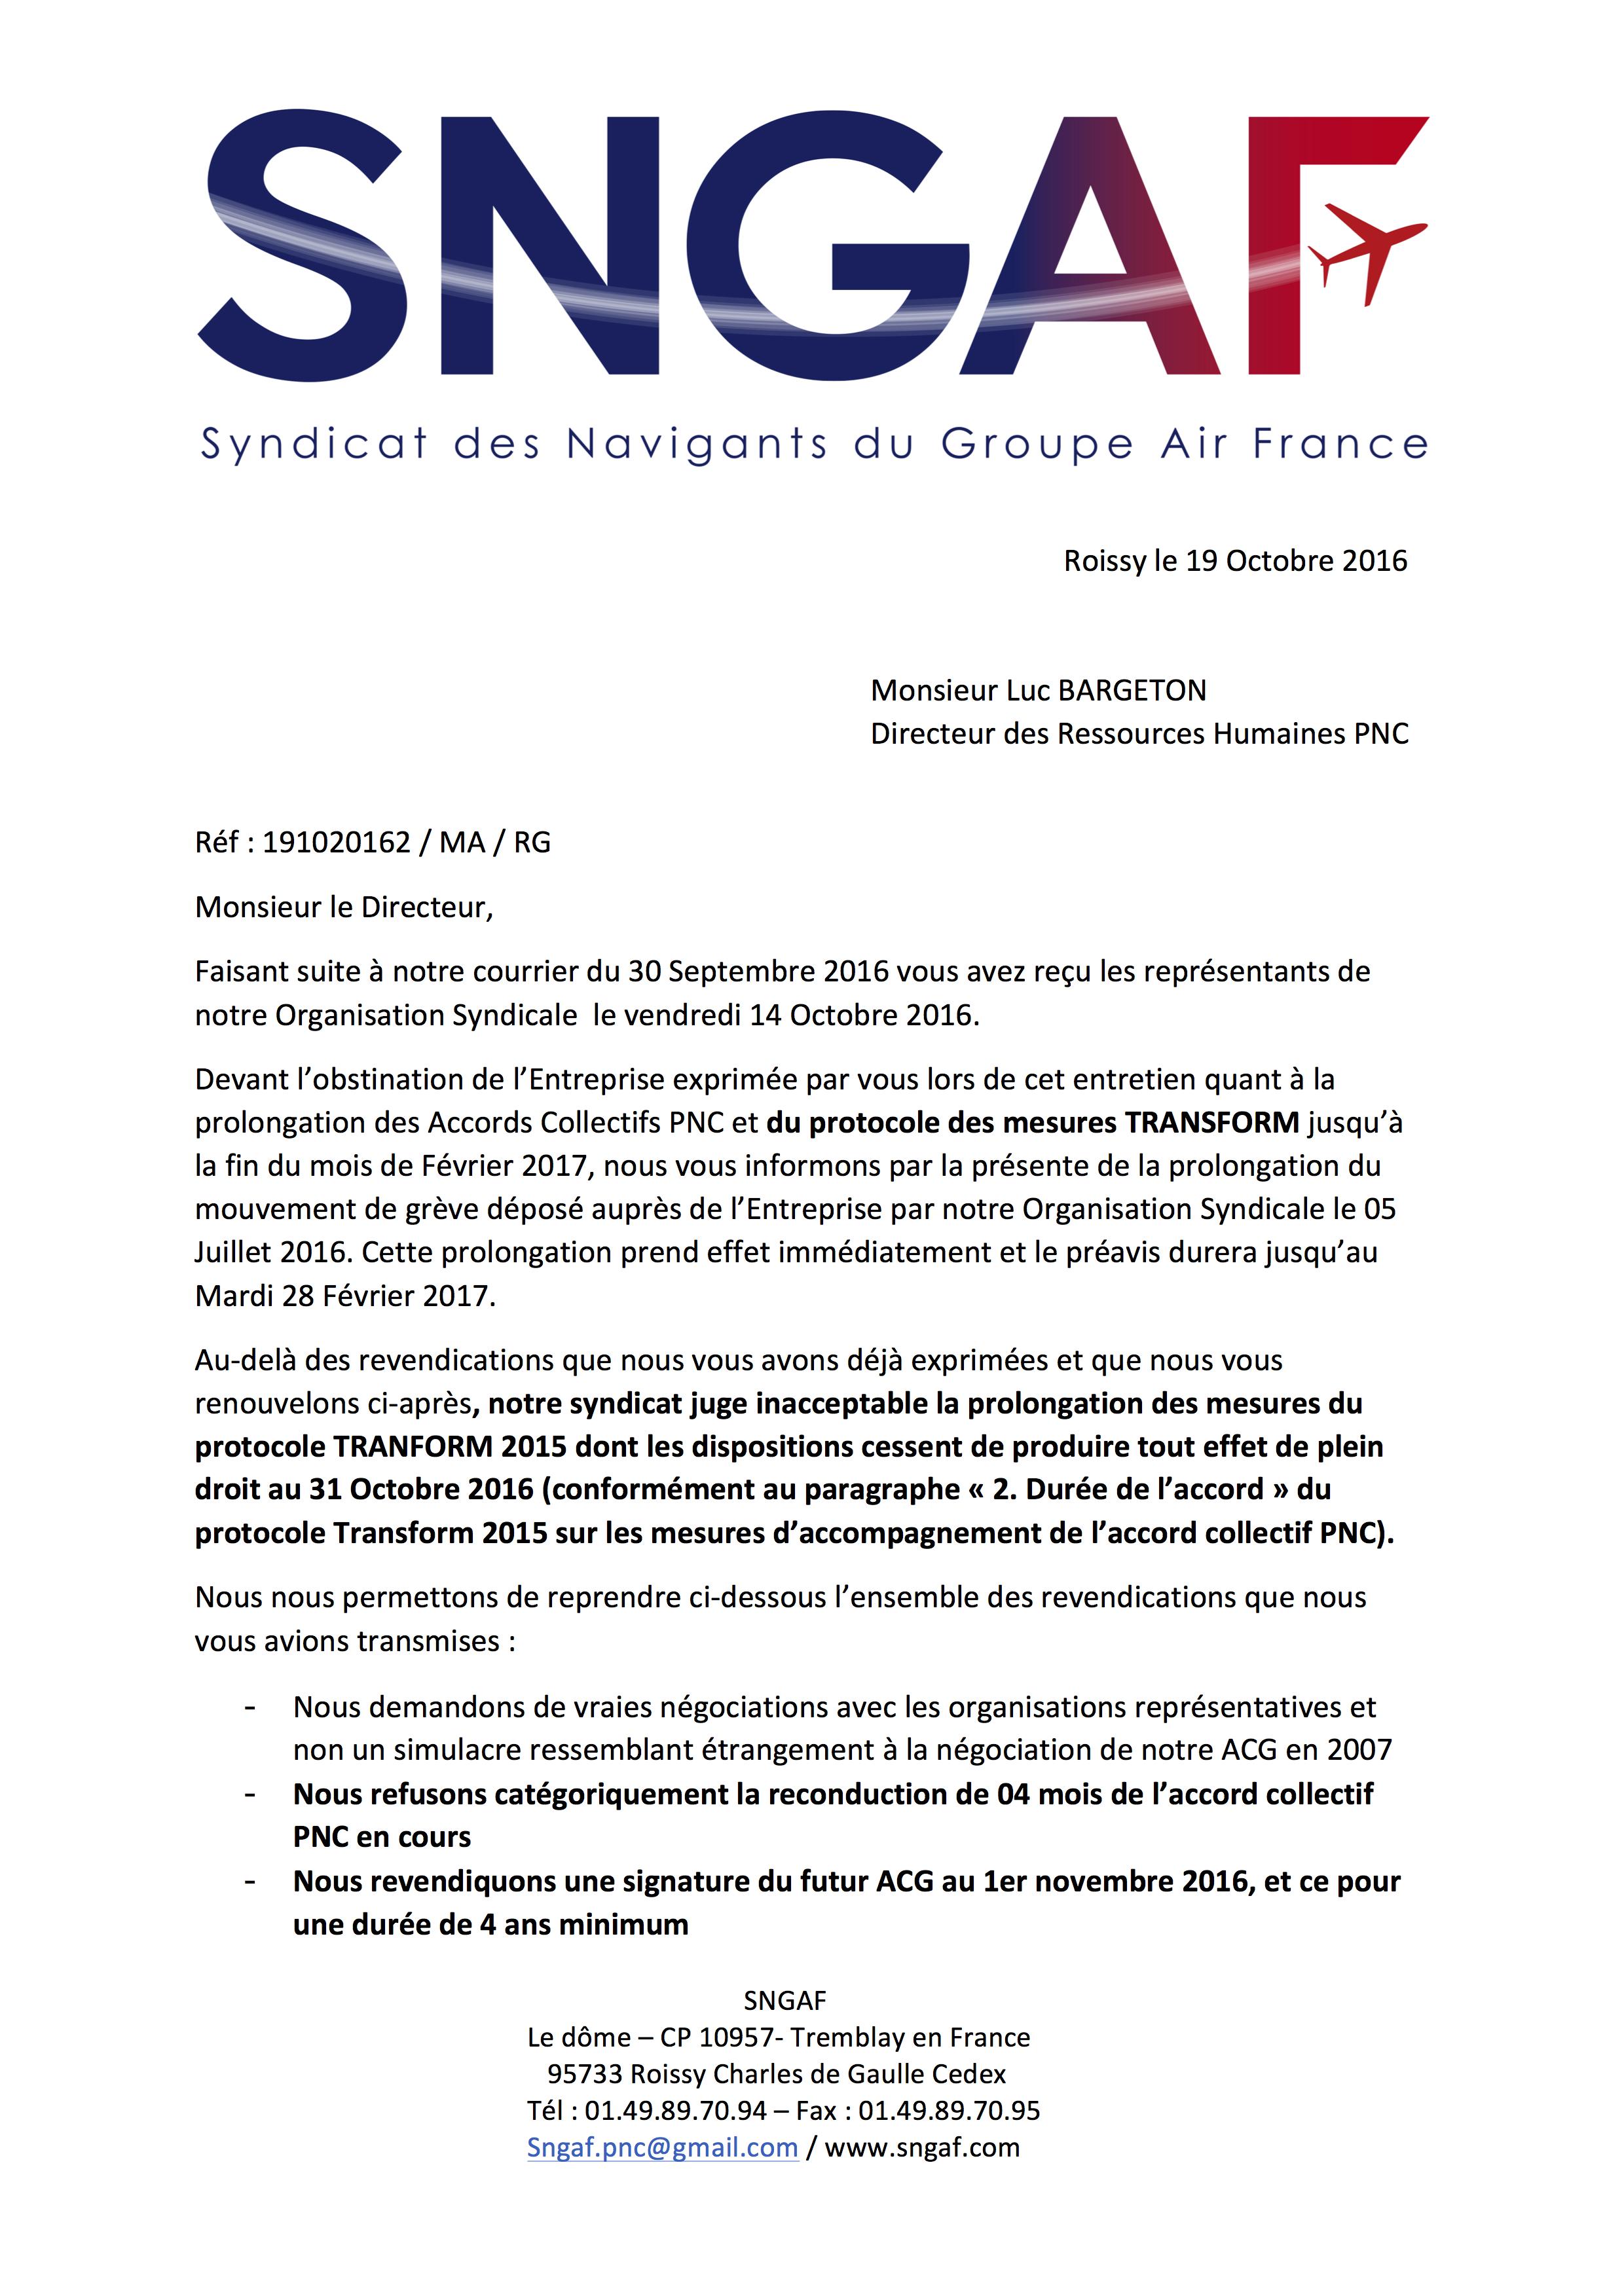 20161019-courrier-mr-bargeton-prolongation-preavis-de-greve-2